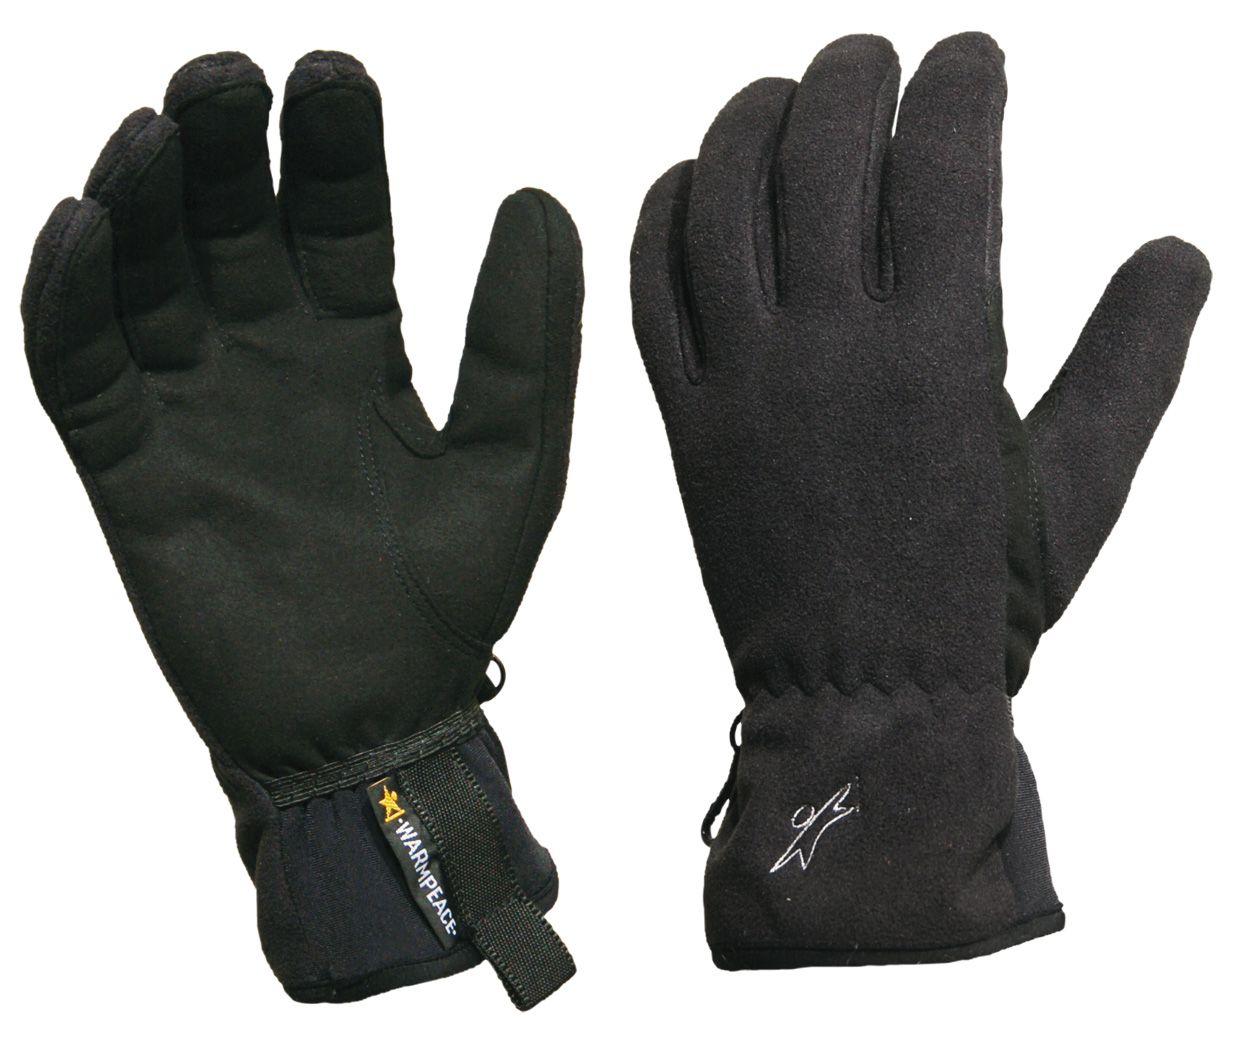 Warmpeace Finstorm black rukavice